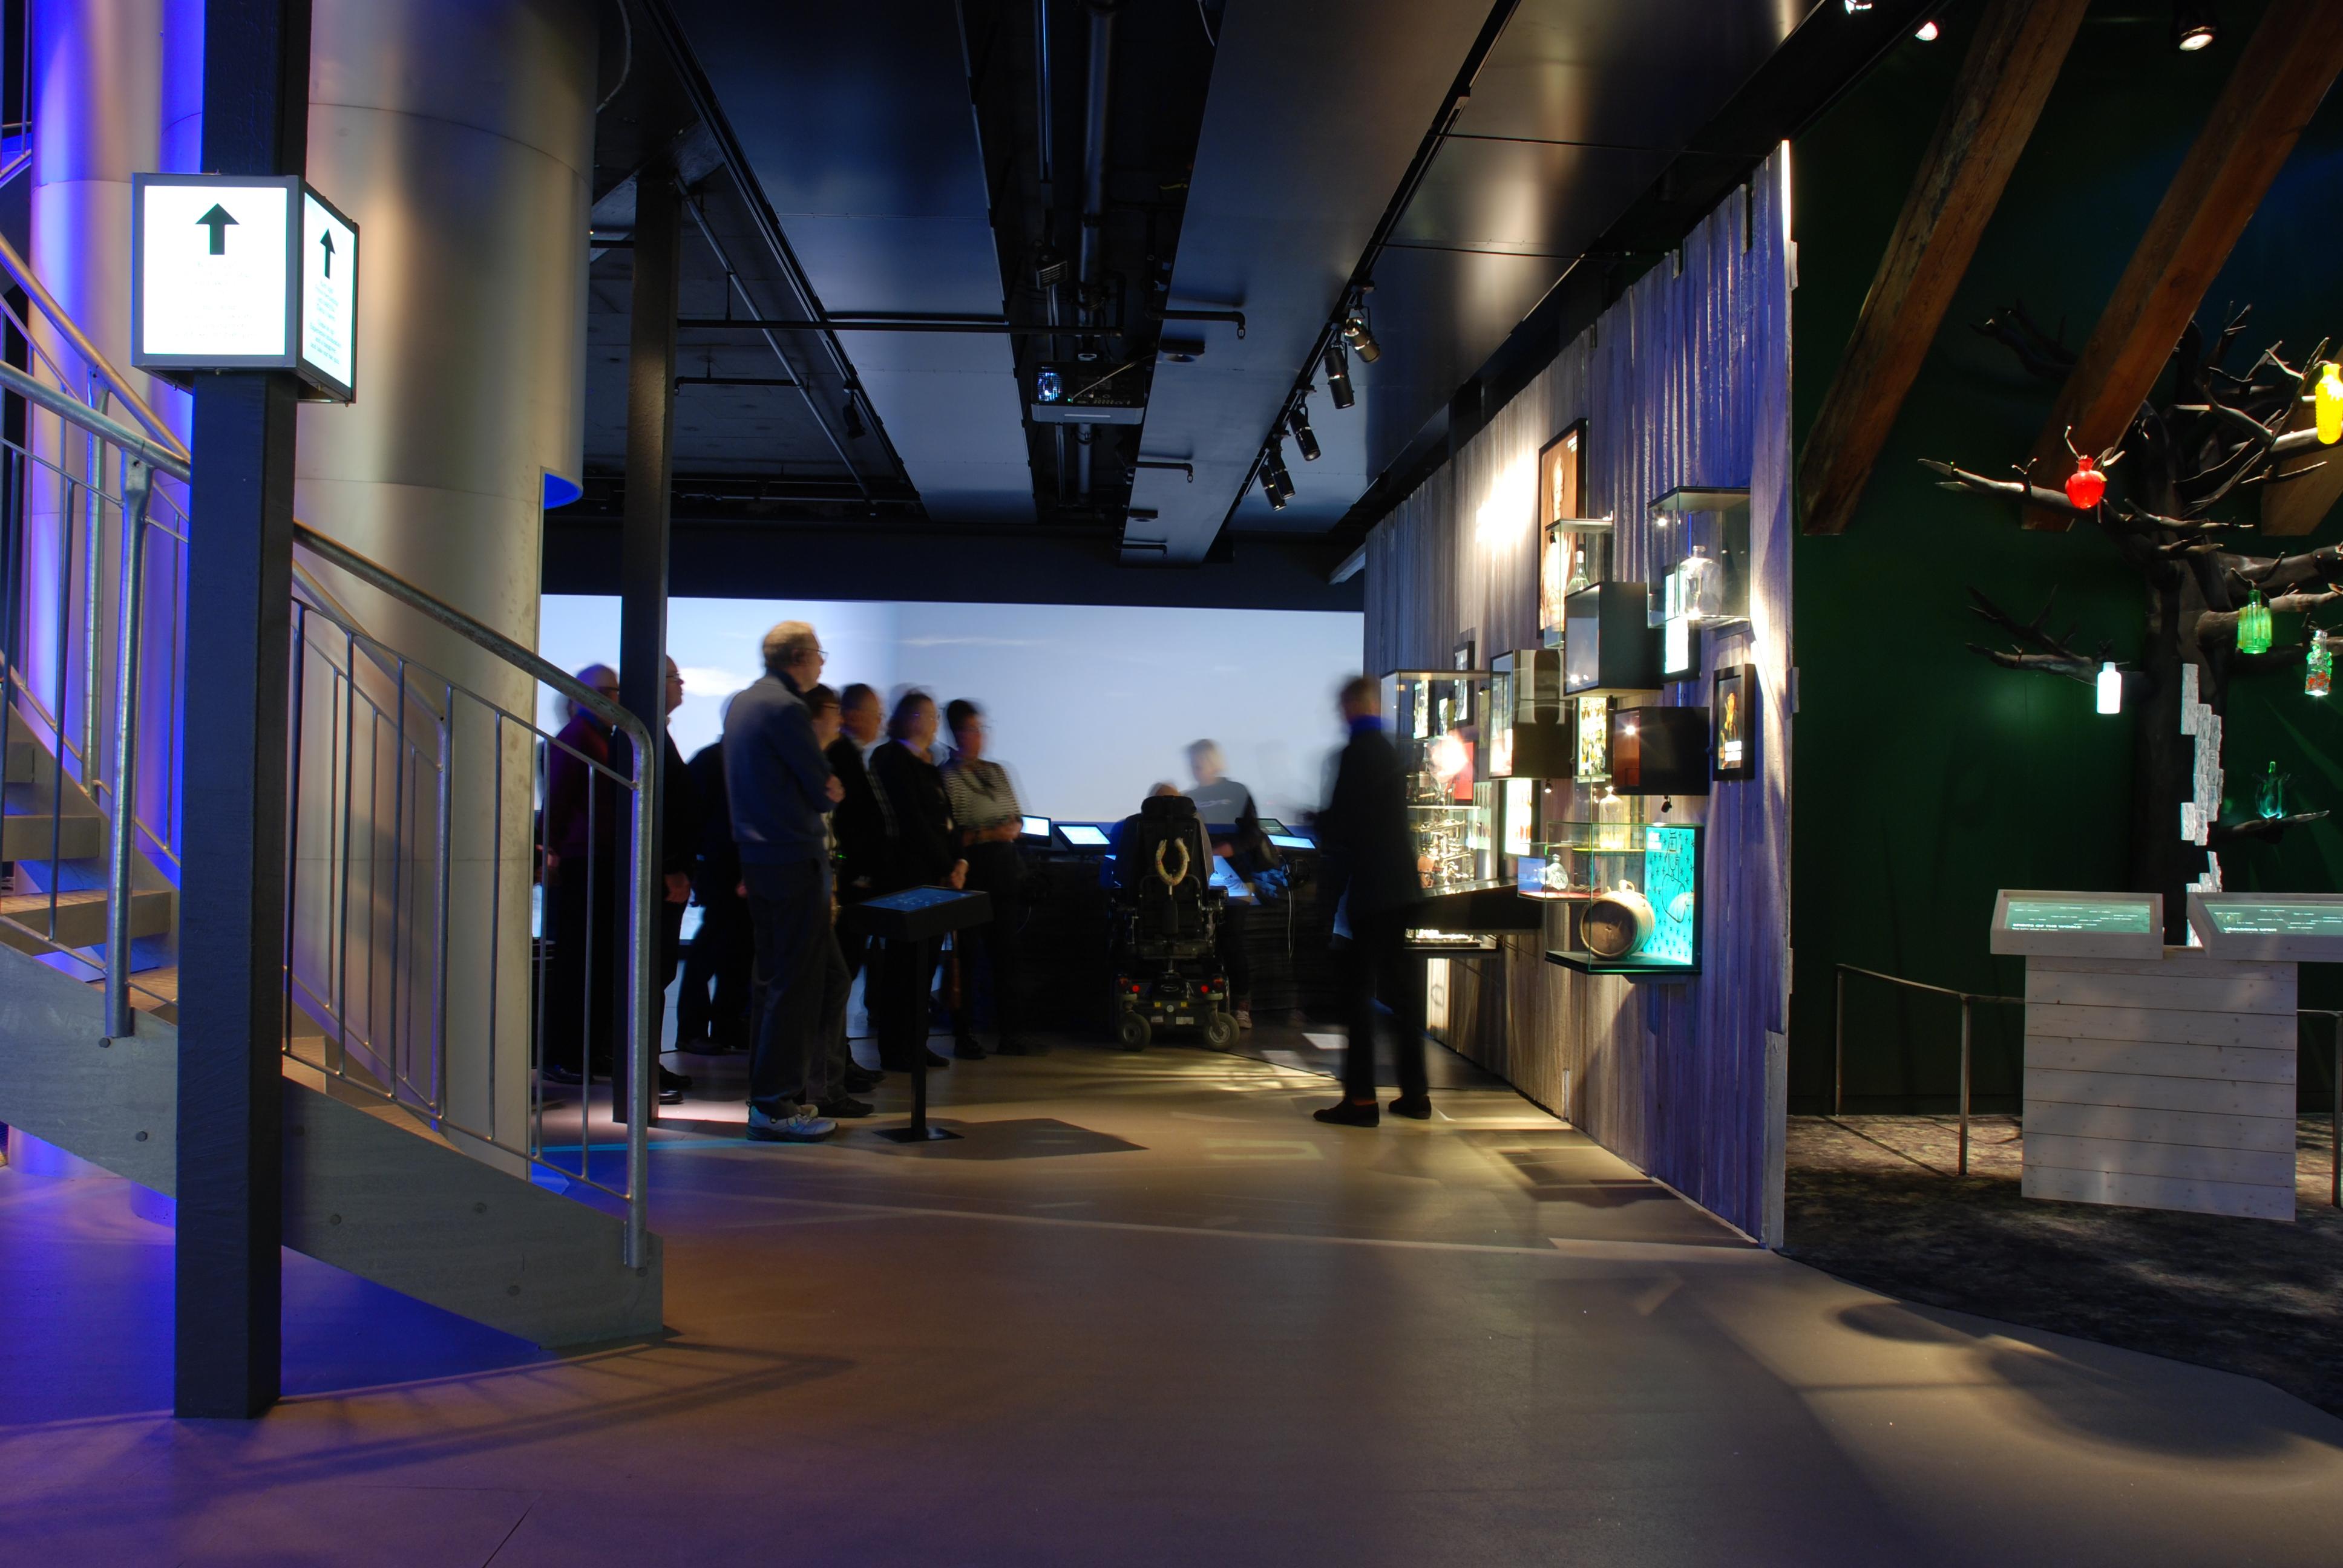 Spritmuseum (Музей вина и спирта)